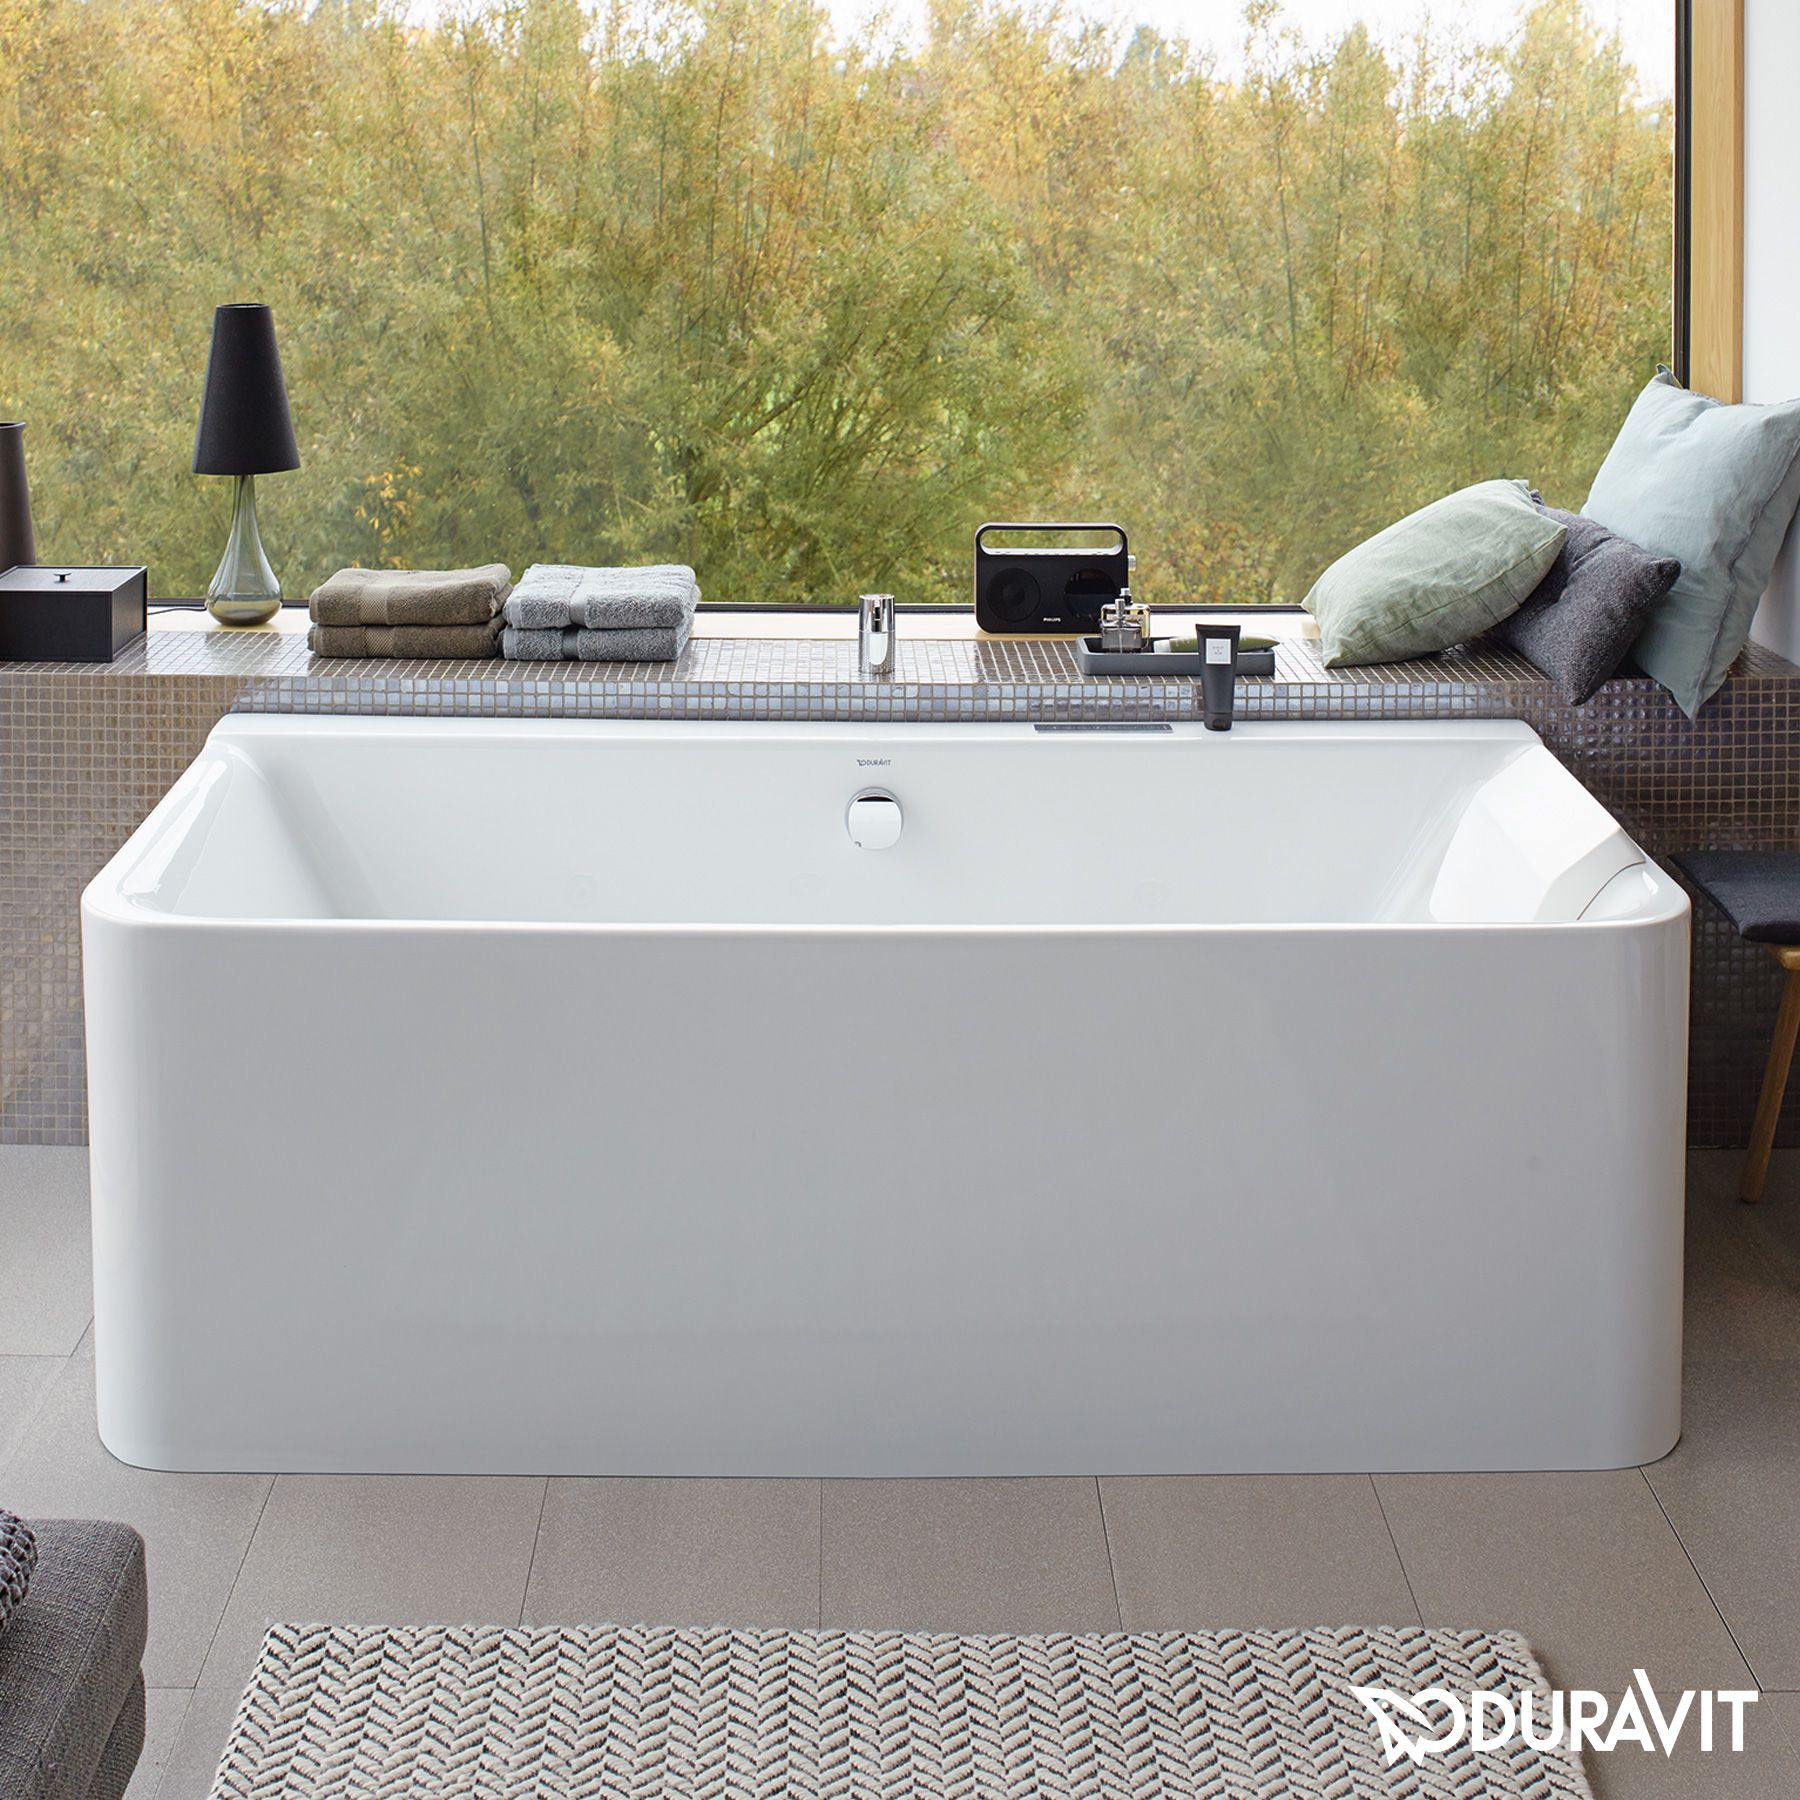 Duravit P3 Comforts Badewanne Mit Verkleidung Vorwandversion 700381000000000 Badewanne Badezimmer Duravit